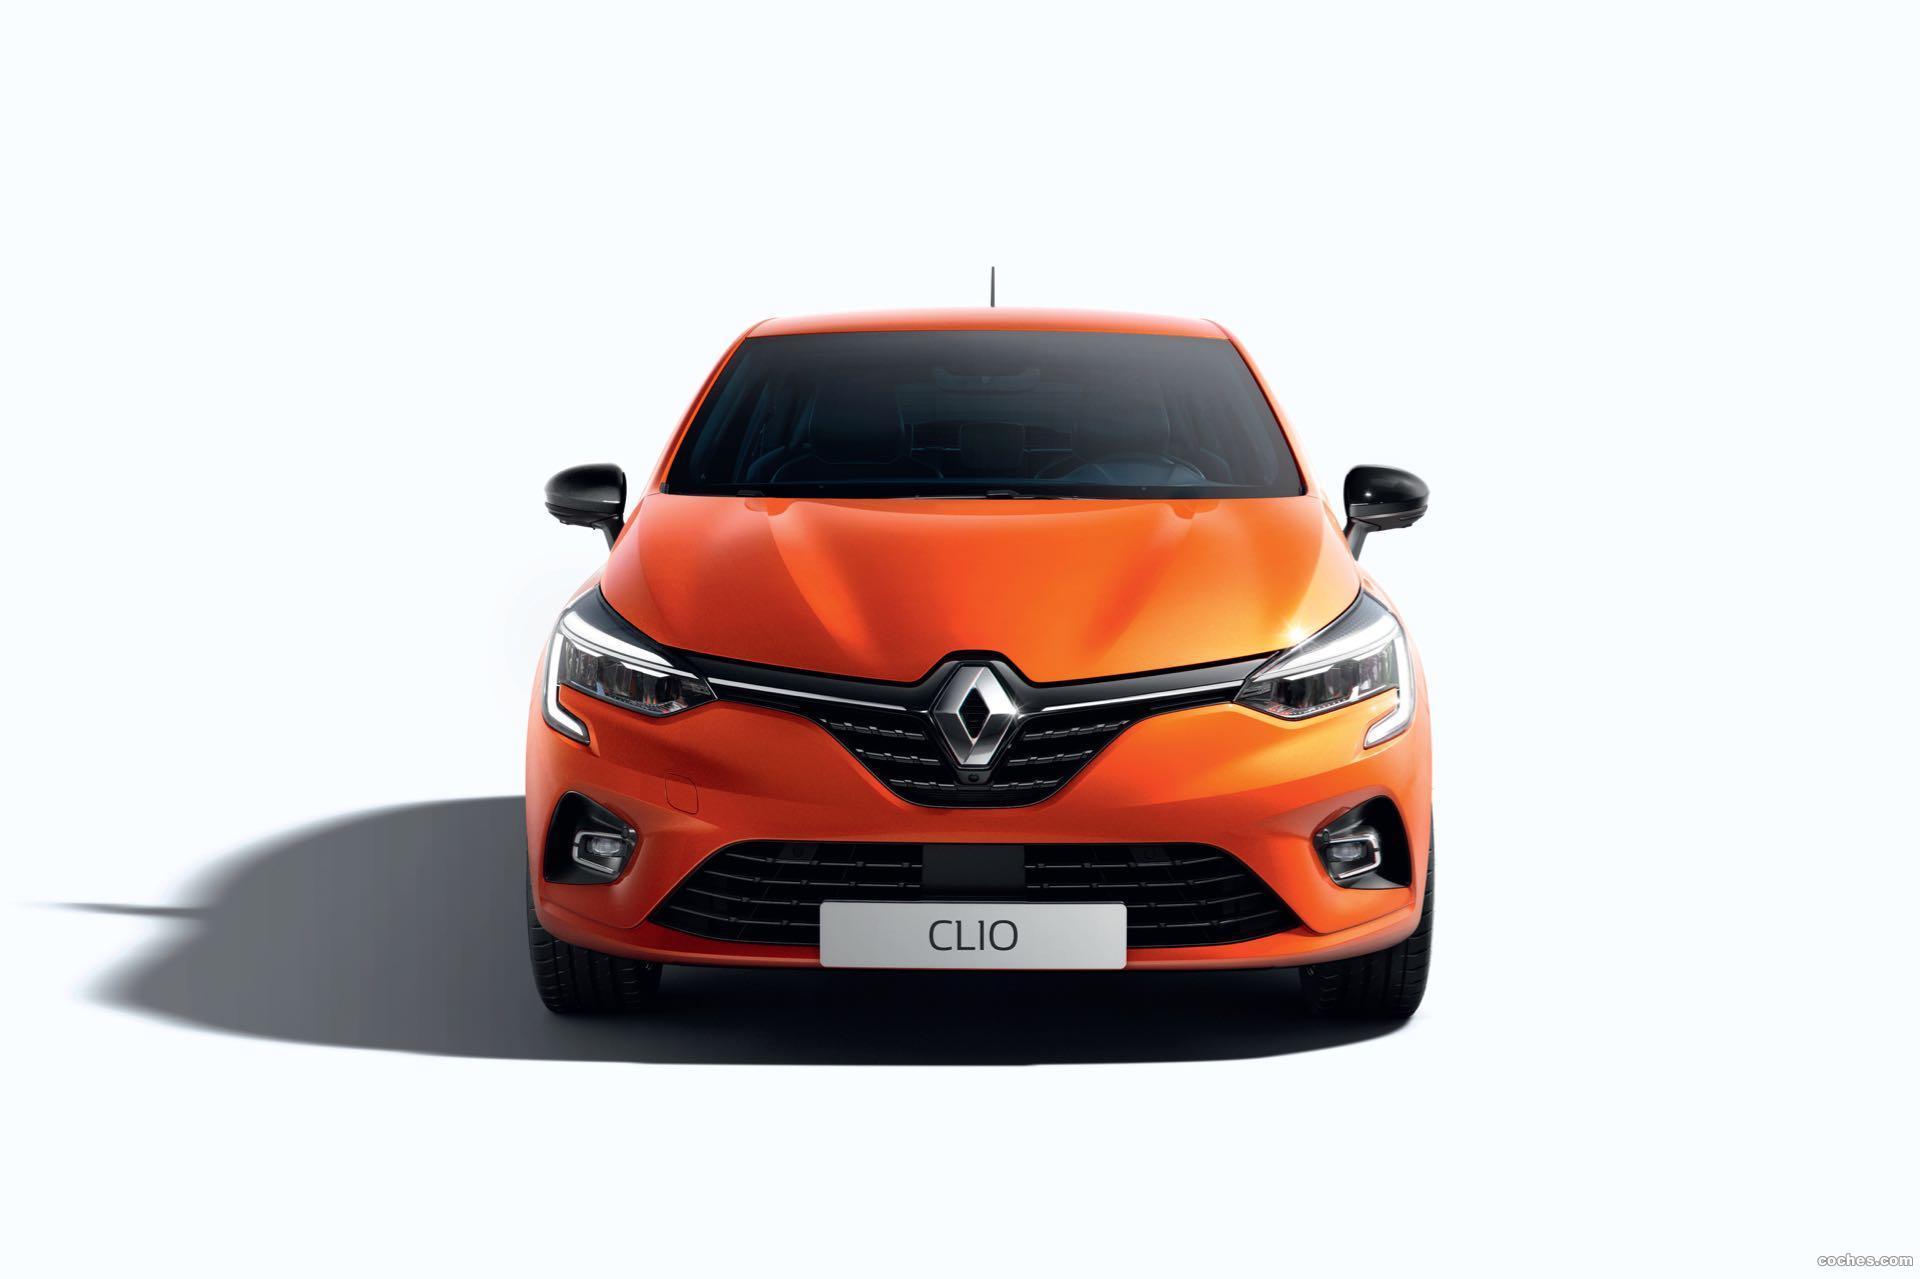 Foto 1 de Renault Clio 2019